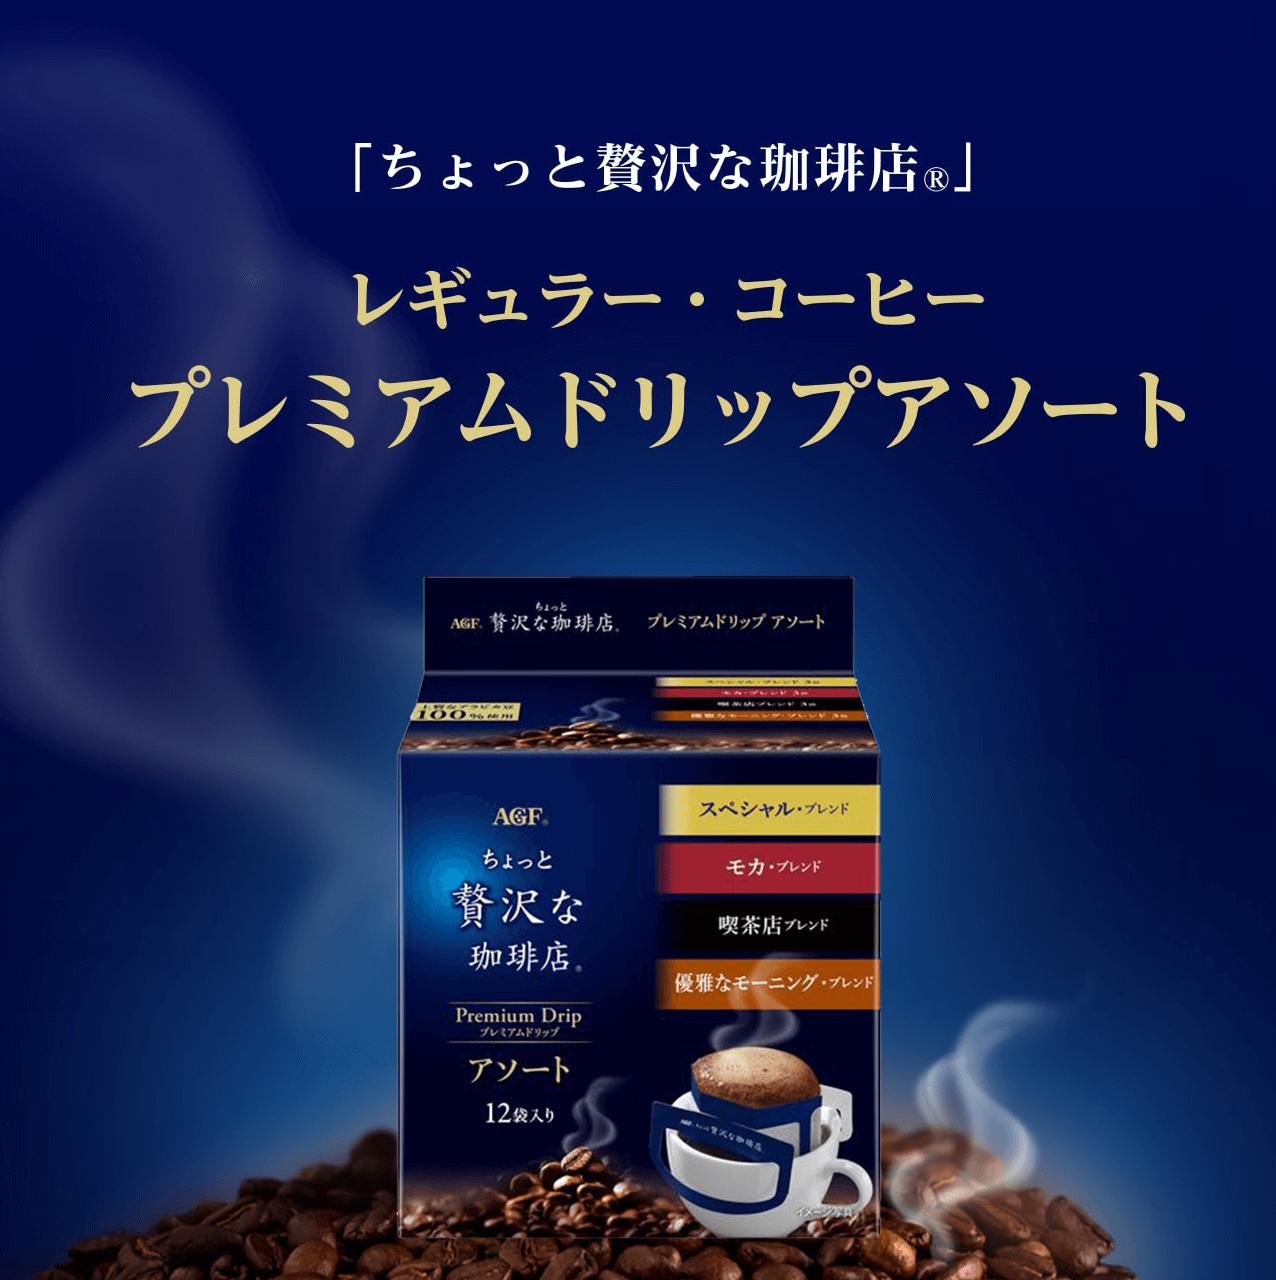 「ちょっと贅沢な珈琲店®」レギュラー・コーヒープレミアムドリップアソート